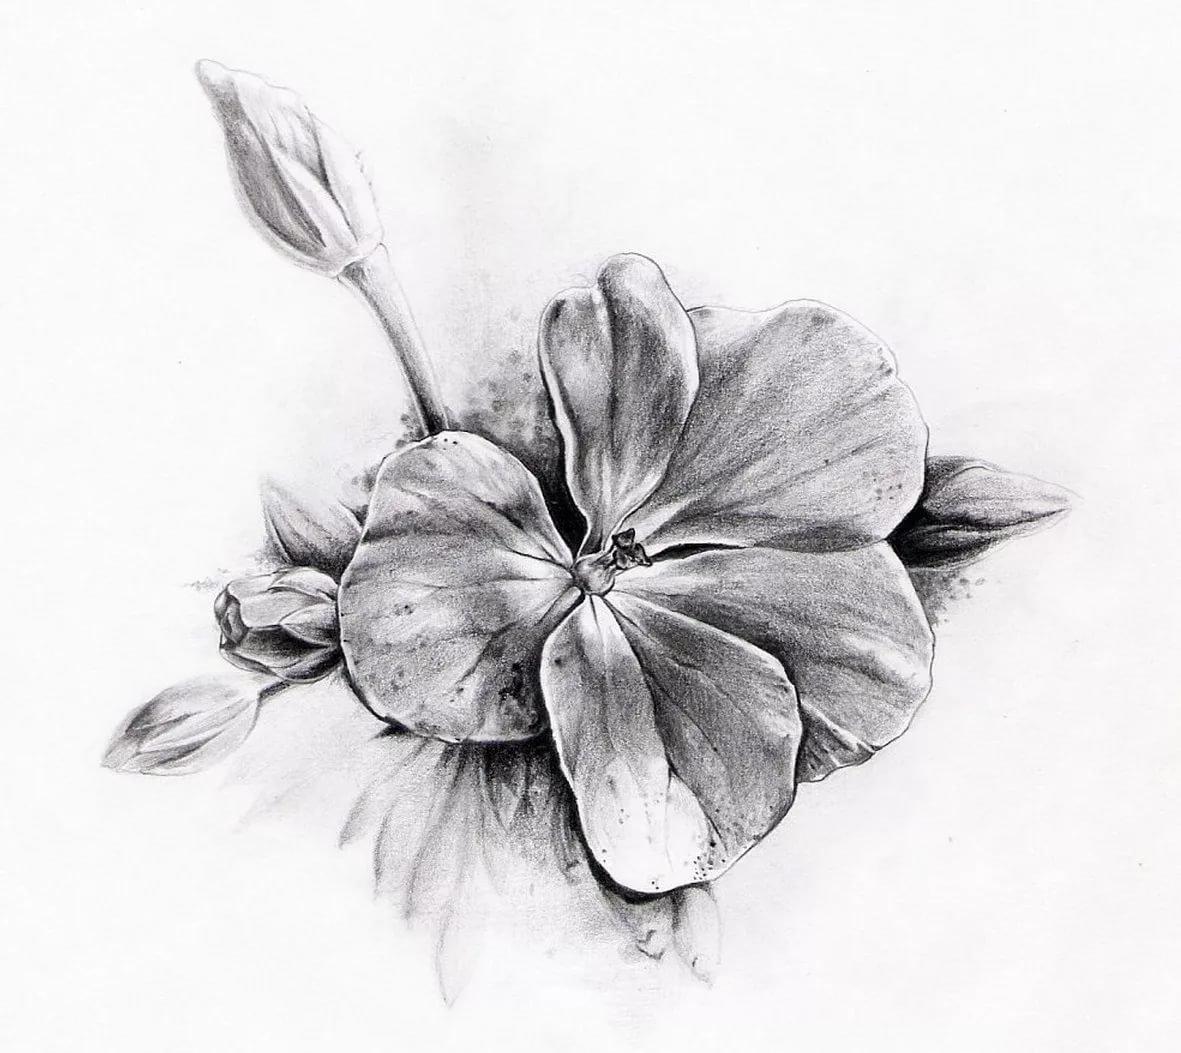 Открытки, картинки цветы на белом фоне нарисованные карандашом